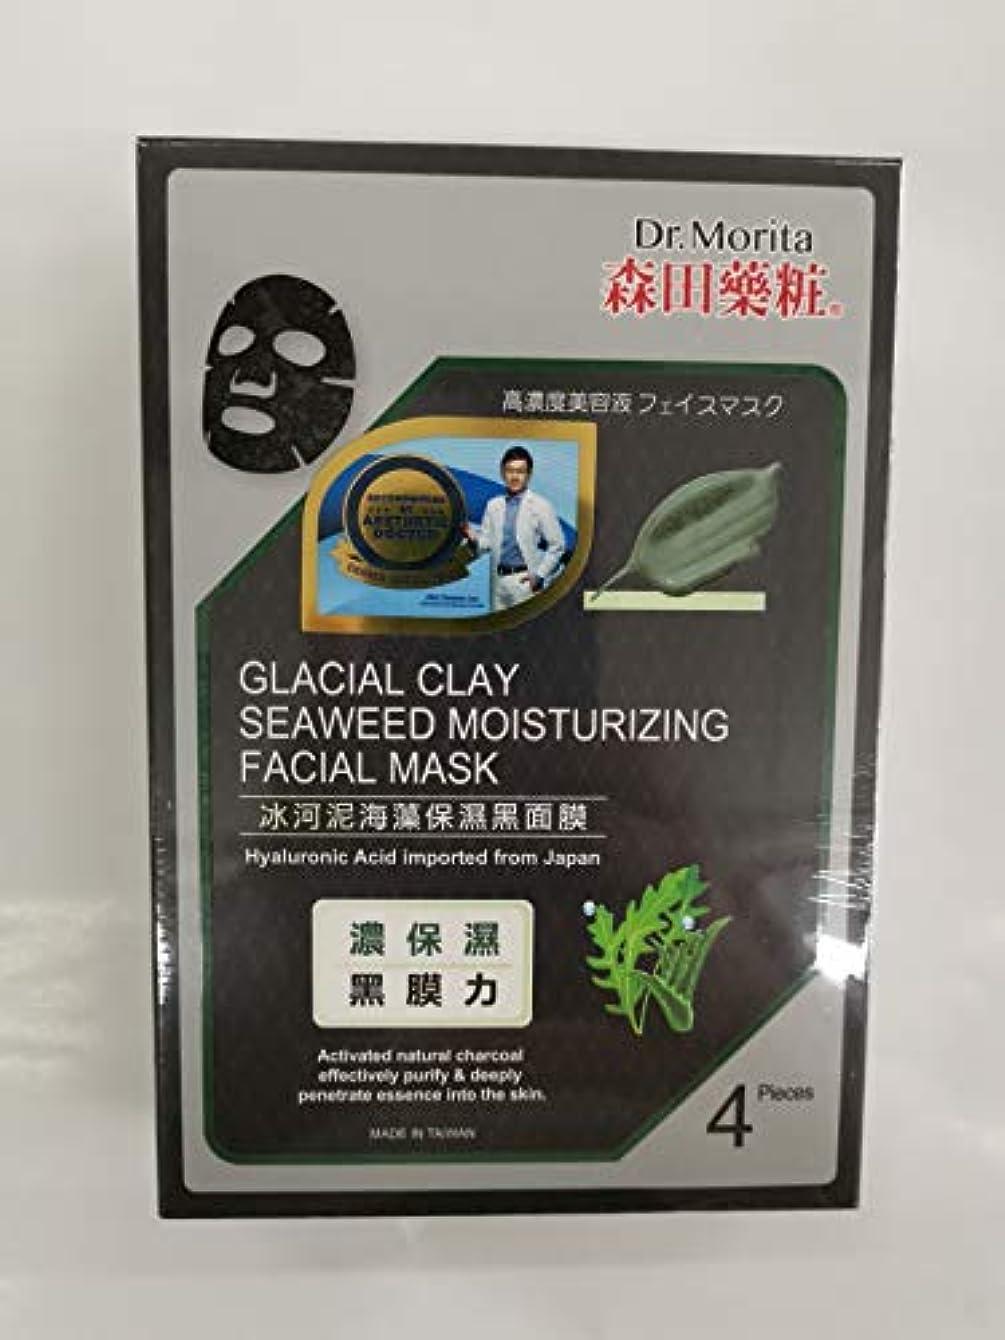 シャックルコントローラ悩みDoctor Morita 氷のような粘土の海藻保湿フェイシャルマスク4 - 肌に深く入り、効果的に浄化し、肌に潤いを与え、弾力を保ちます